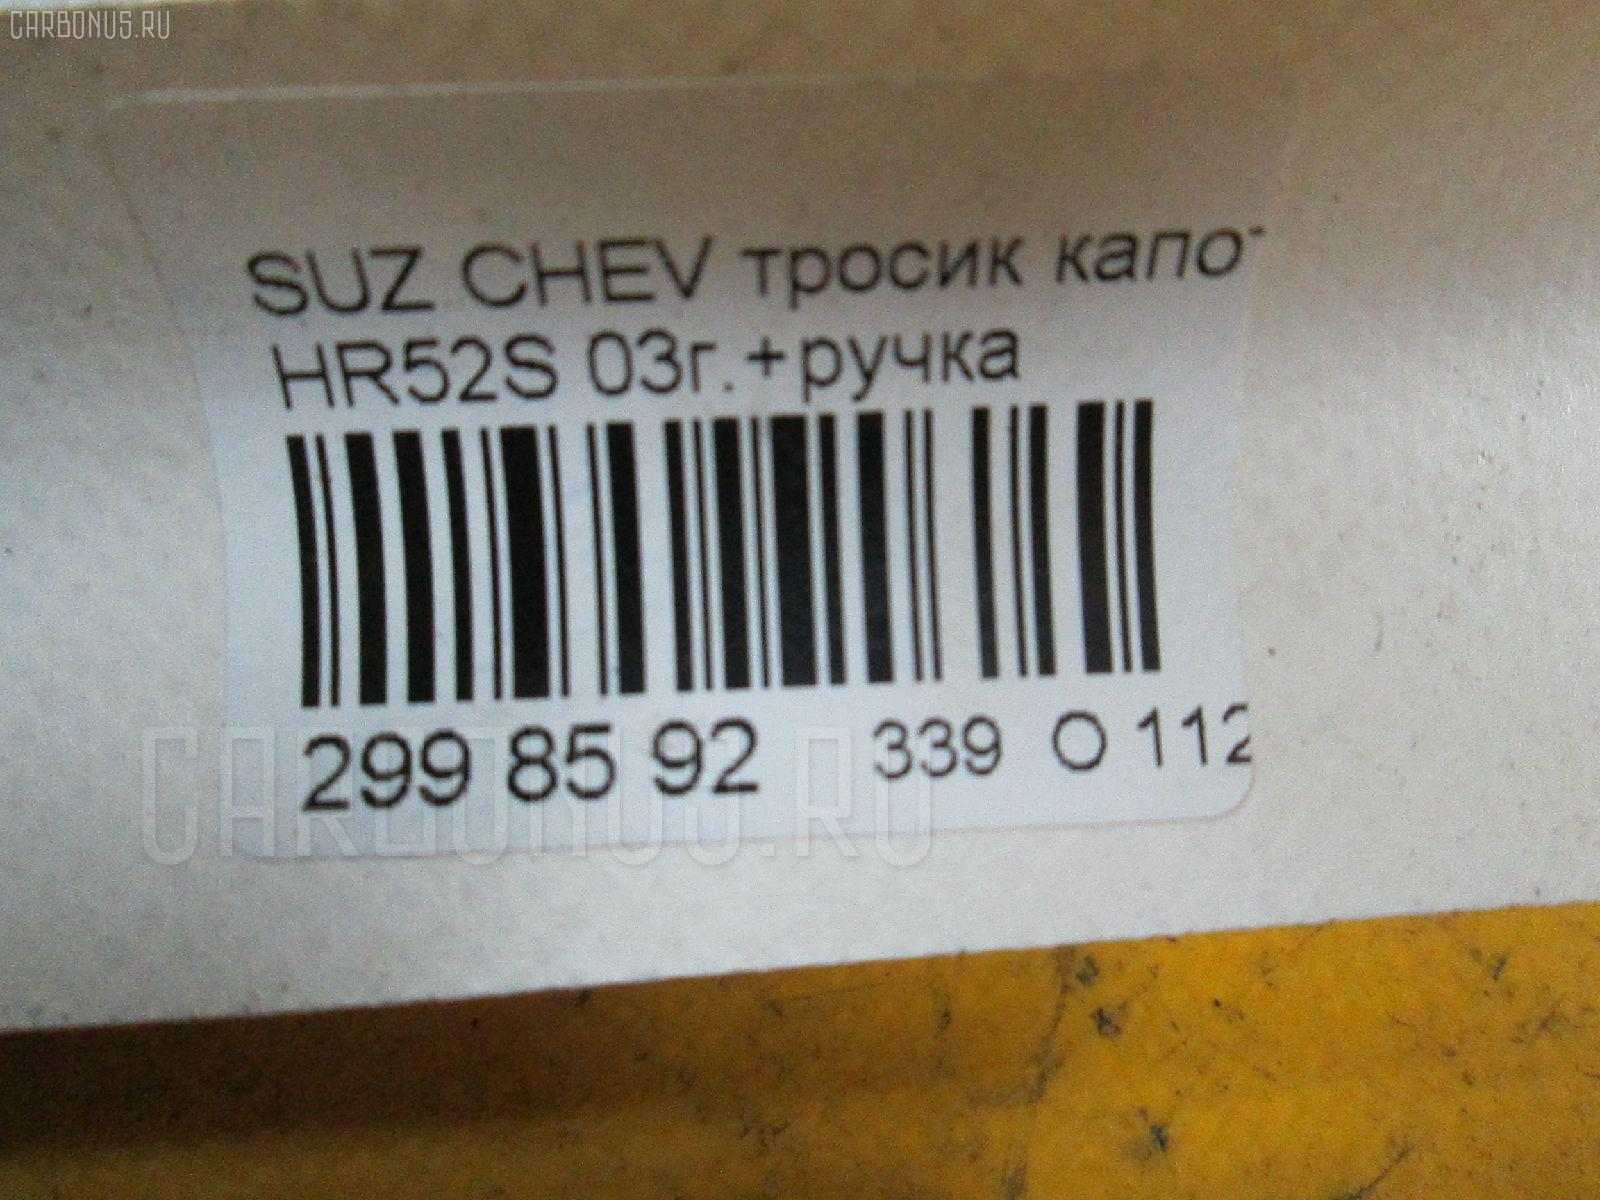 Тросик капота SUZUKI CHEVROLET CRUZE HR52S Фото 7